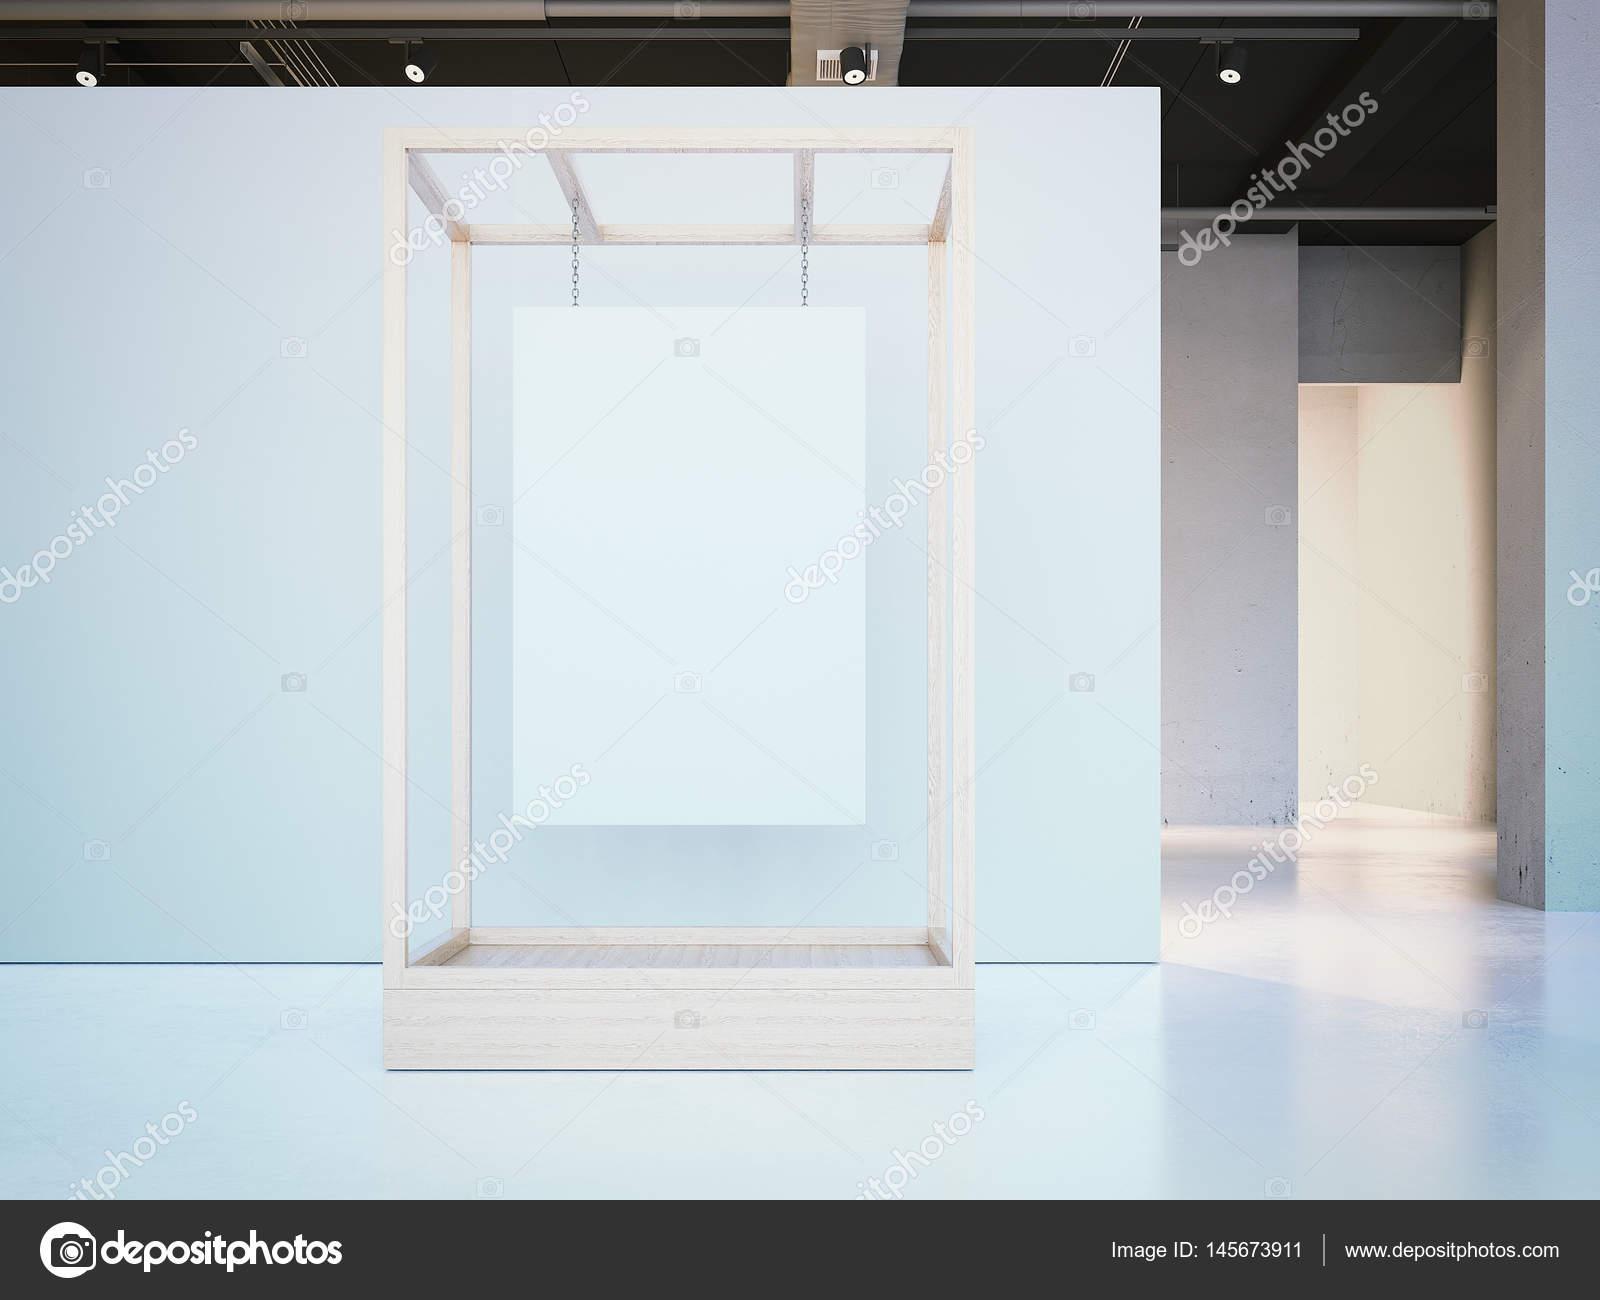 Weißes Plakat hängen in einer Holz Vitrine. 3D-Rendering — Stockfoto ...